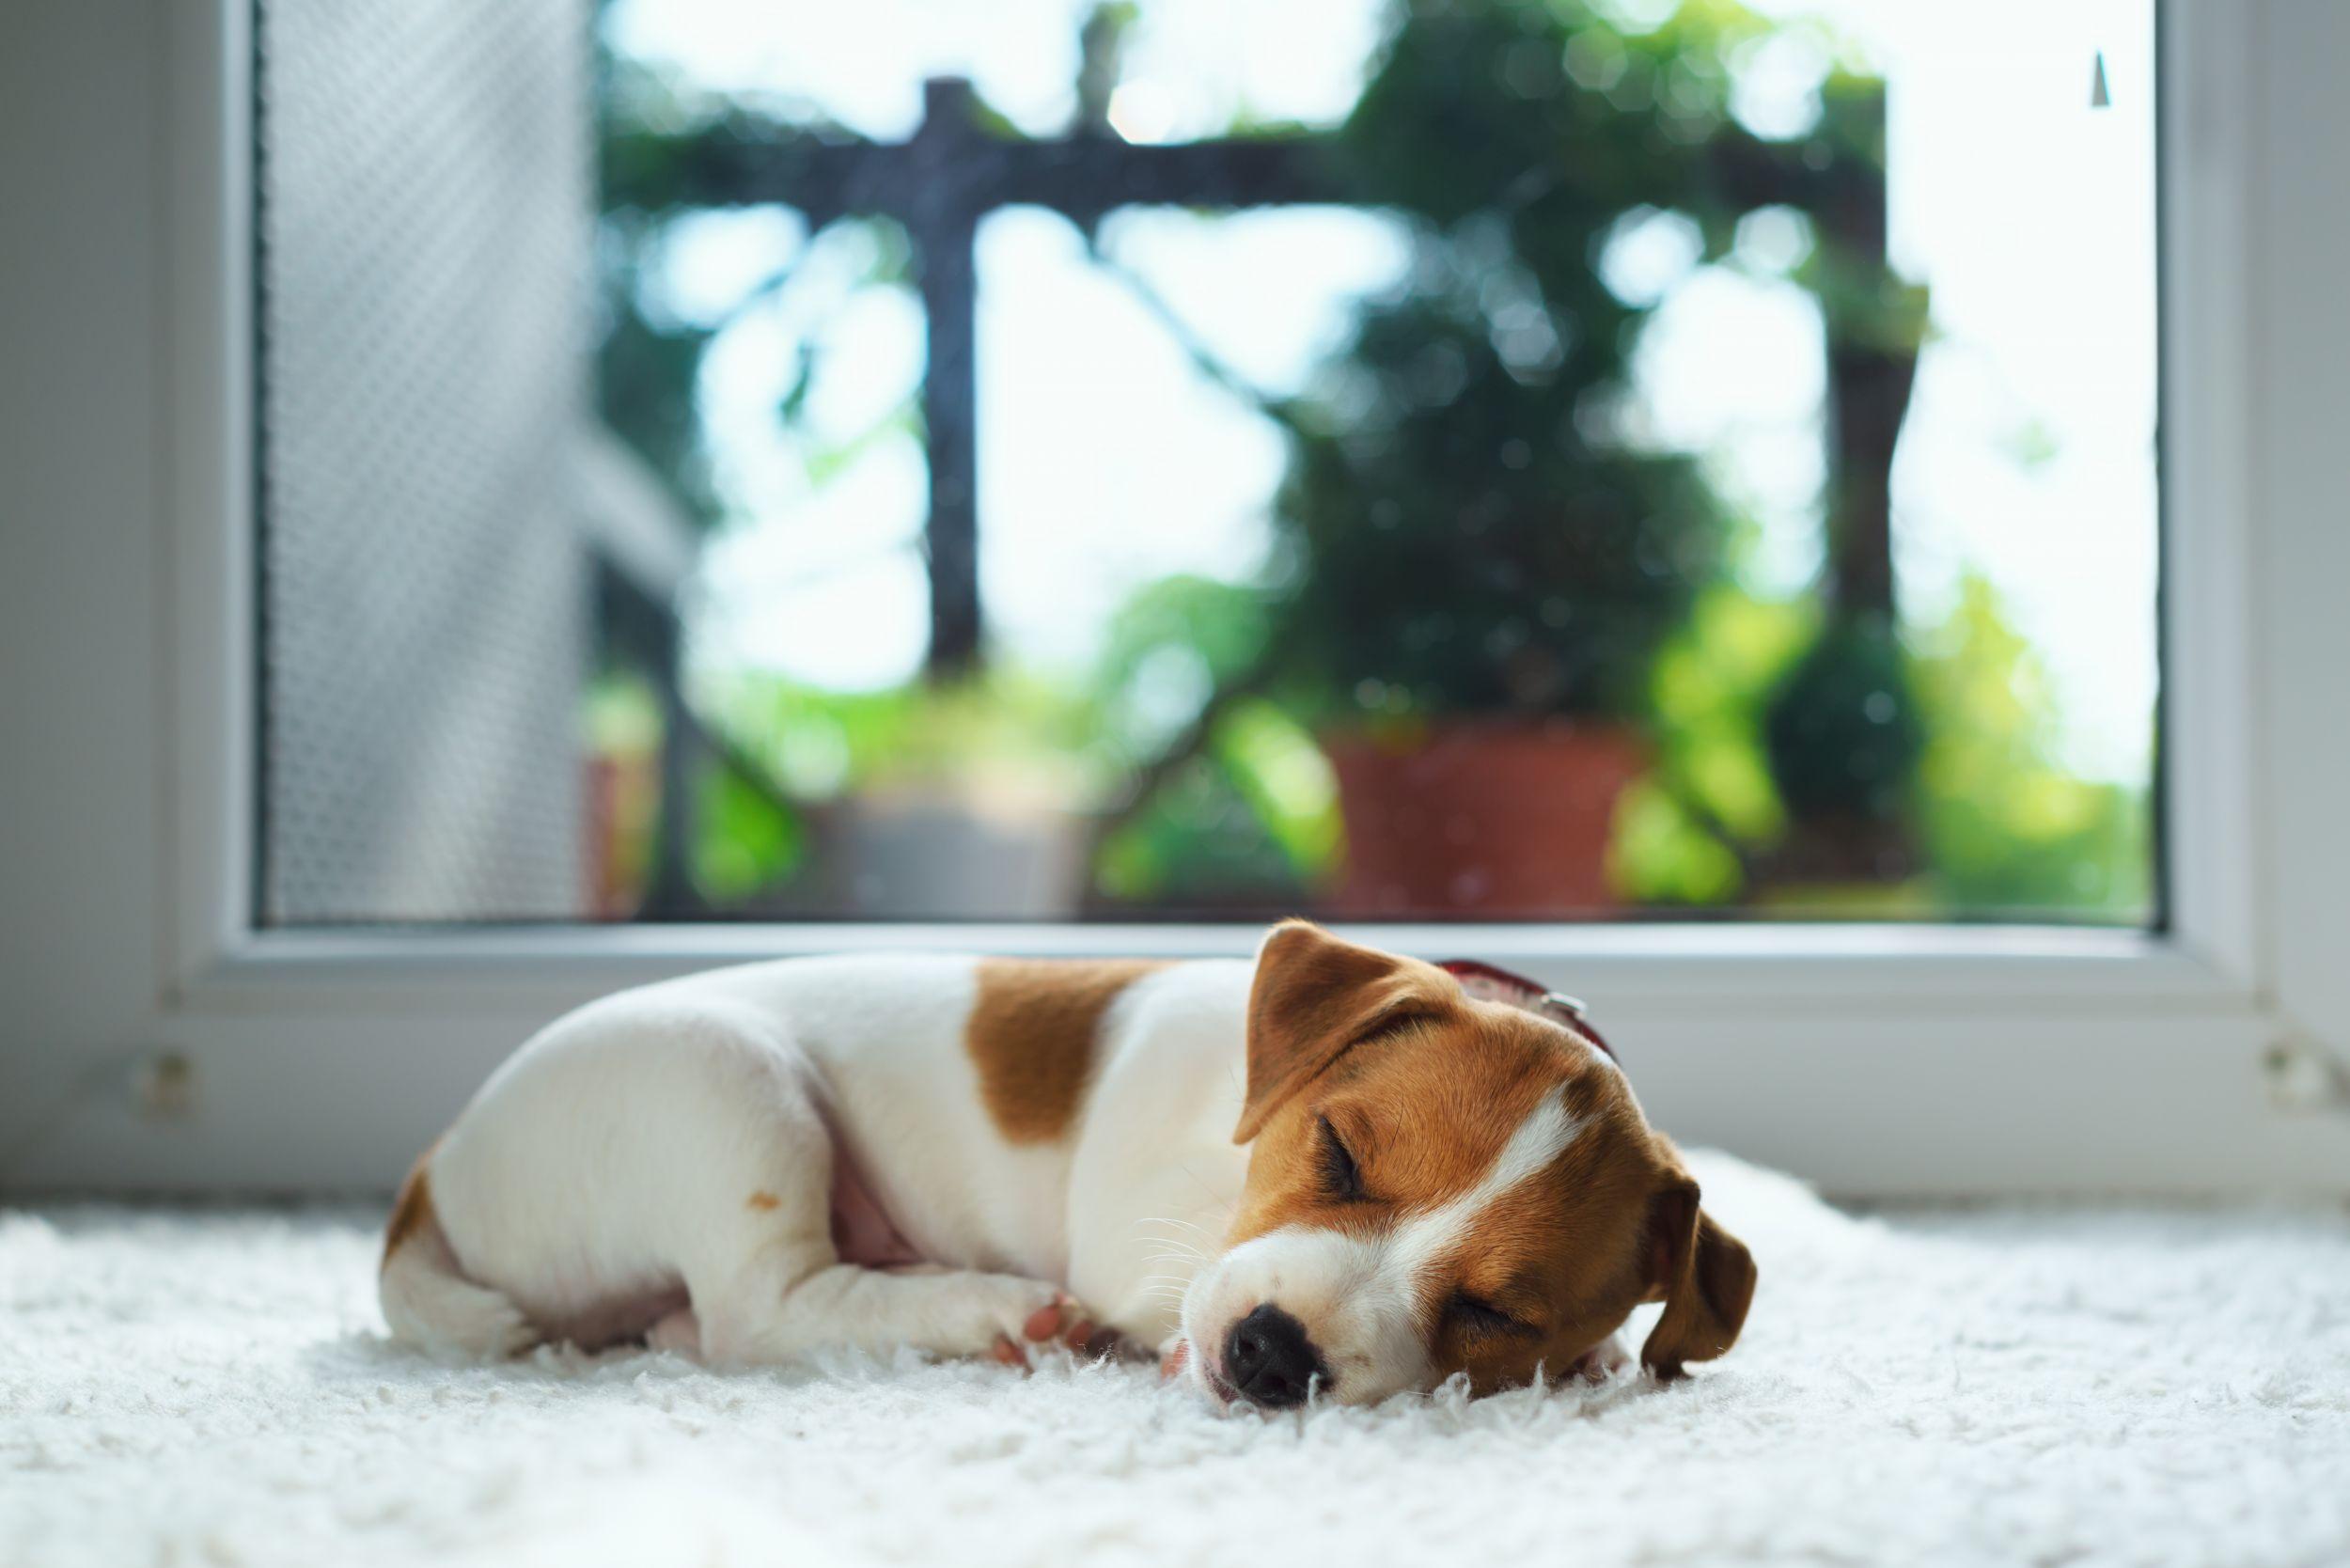 Dogilike.com :: 5 ข้อปฏิบัติที่ลดความเสี่ยงไม่ให้น้องหมาต้องป่วยในช่วงโควิดระบาด